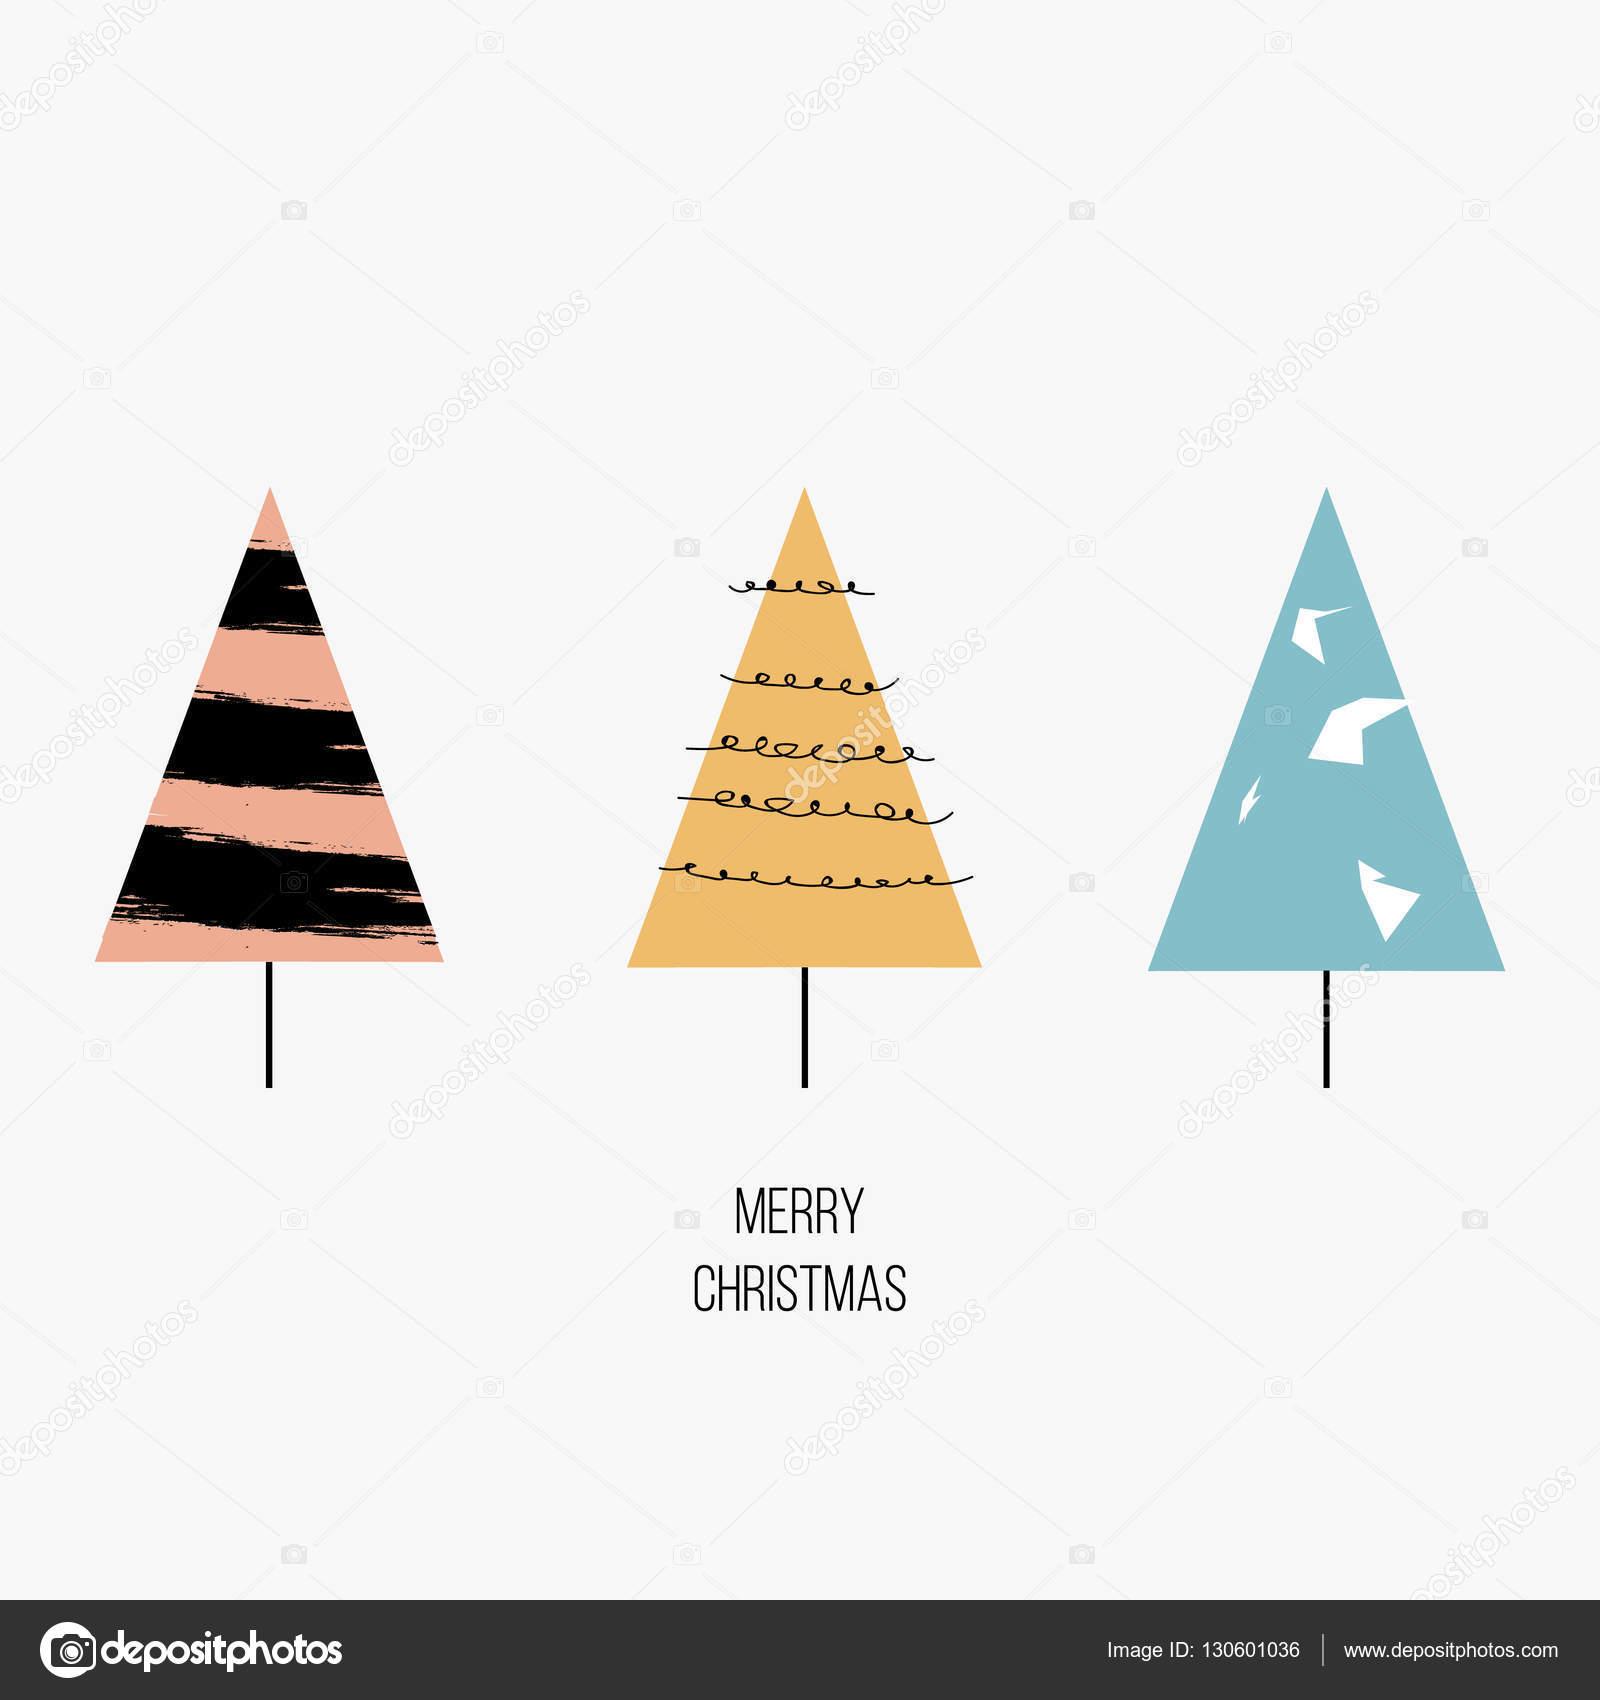 Moderne Weihnachtsgrüße Für Karten.Frohe Weihnachten Grußkarte Moderne Handgezeichnete Stilisierte